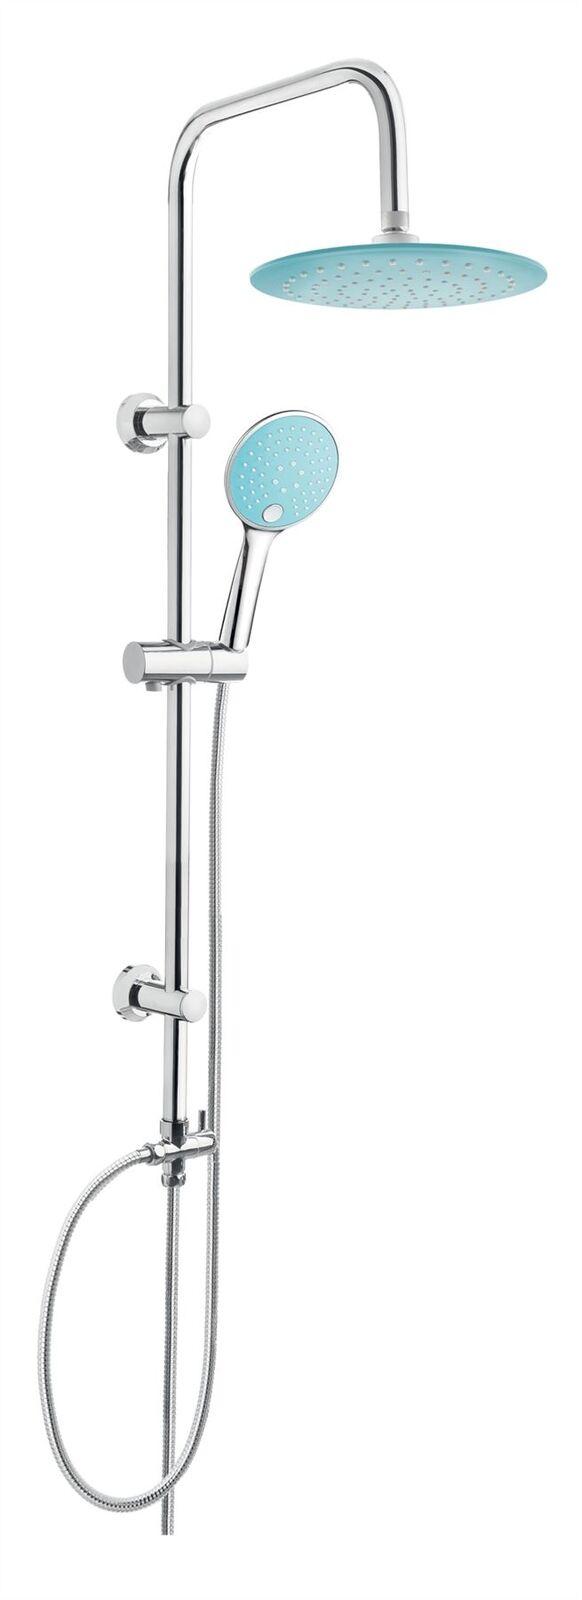 Komplettduschen 3s Paffoni Level Zsal079cr Neu Duschstange Brause Stange Handbrause Brauseset Bad & Küche